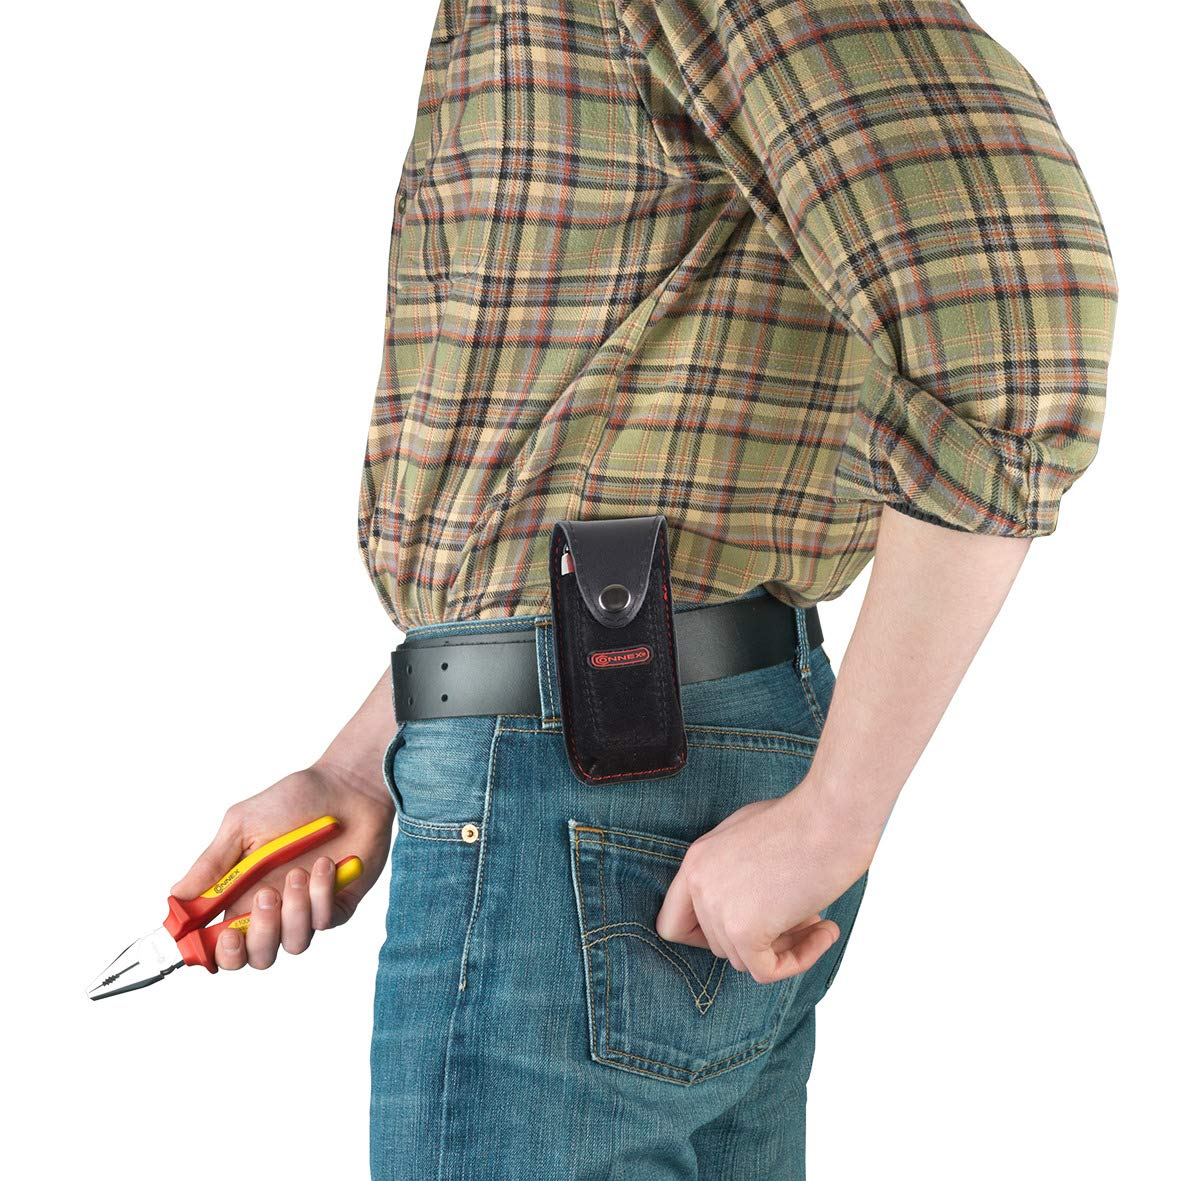 Mit G/ürtelschlaufe Robust /& Langlebig // Messerscheide // Werkzeugtasche f/ür G/ürtel // G/ürteltasche // COX951110 Aus Leder Connex Werkzeughalter Praktische Verschlusslasche